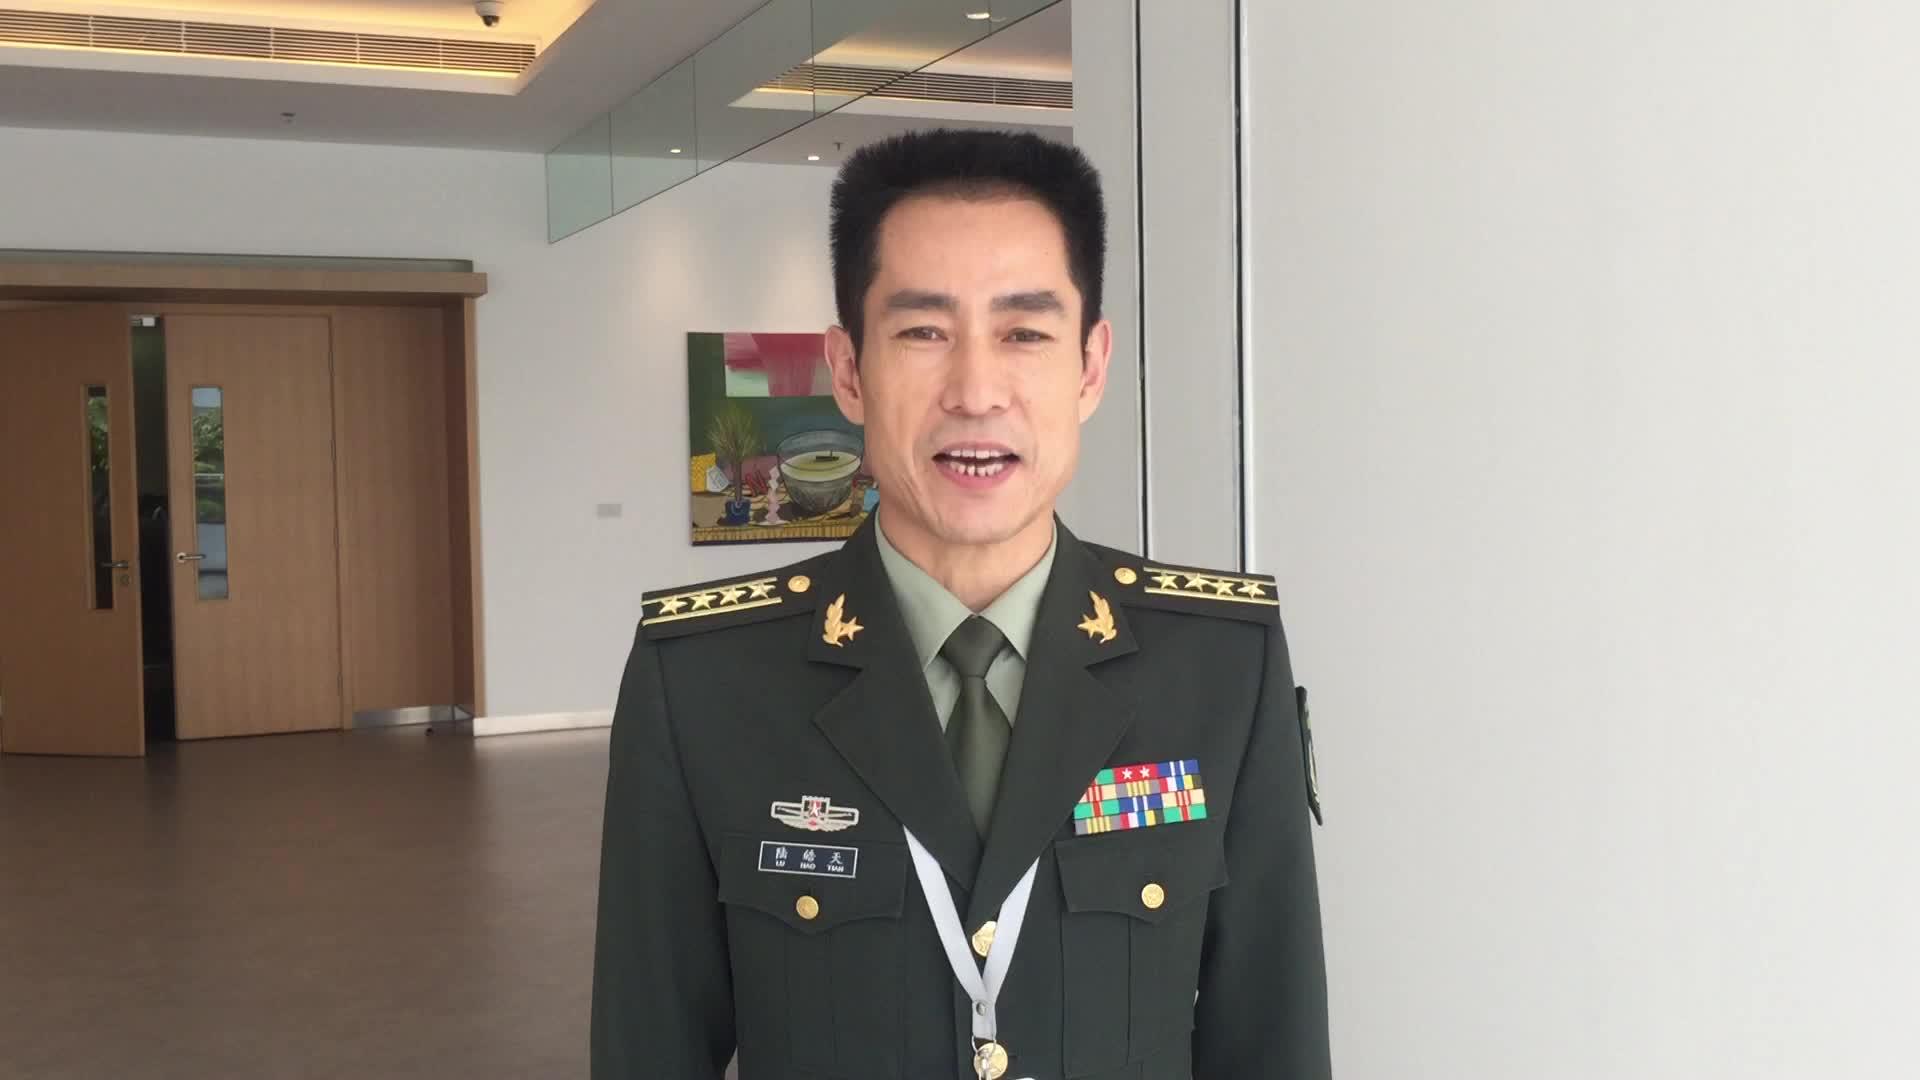 来自成泰燊贾青等知名演员和业界大师的祝福